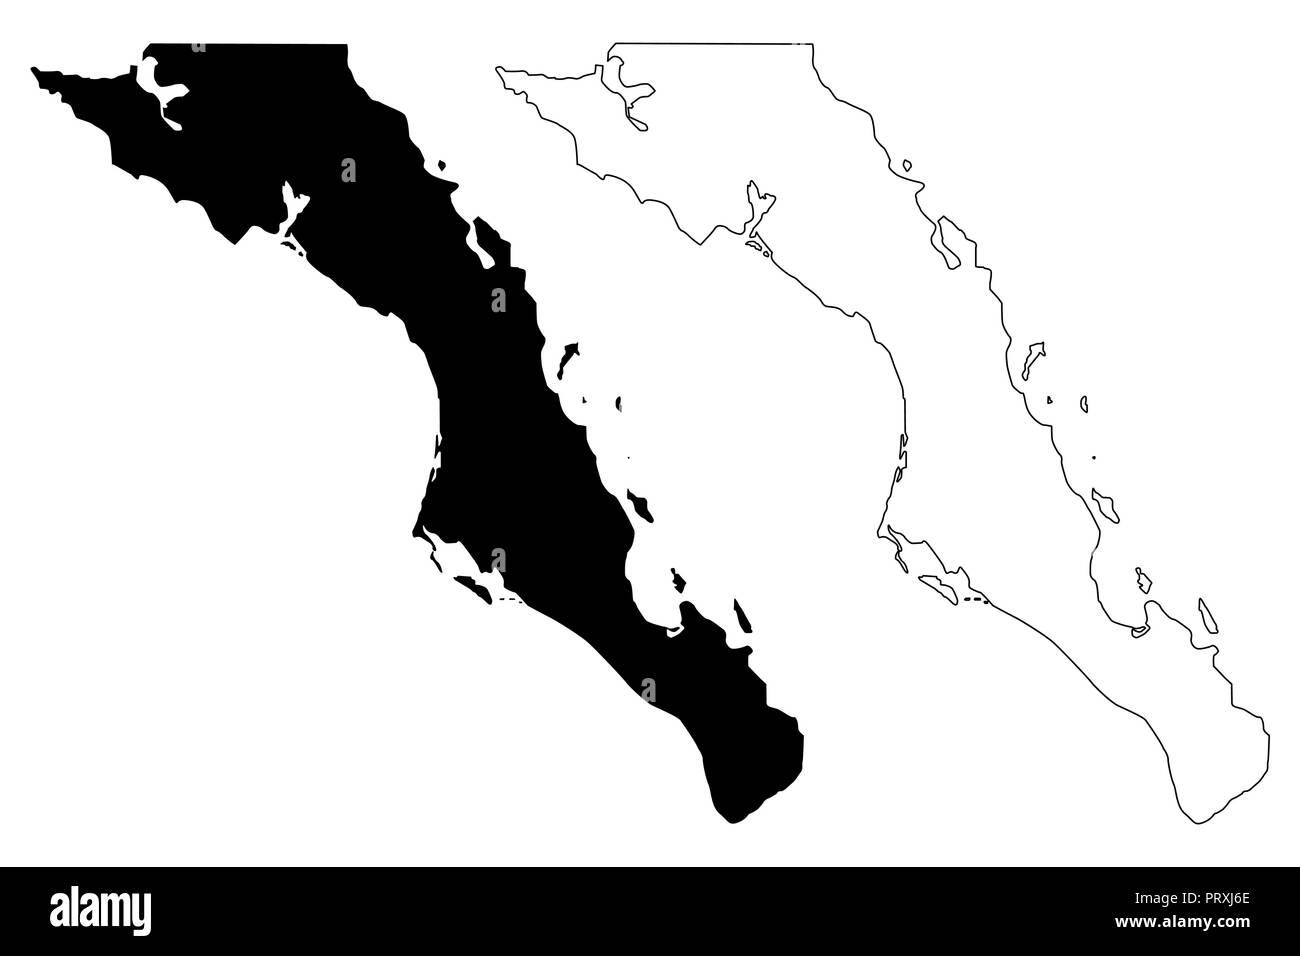 Mexiko Staaten Karte.Baja California Sur Vereinigten Mexikanischen Staaten